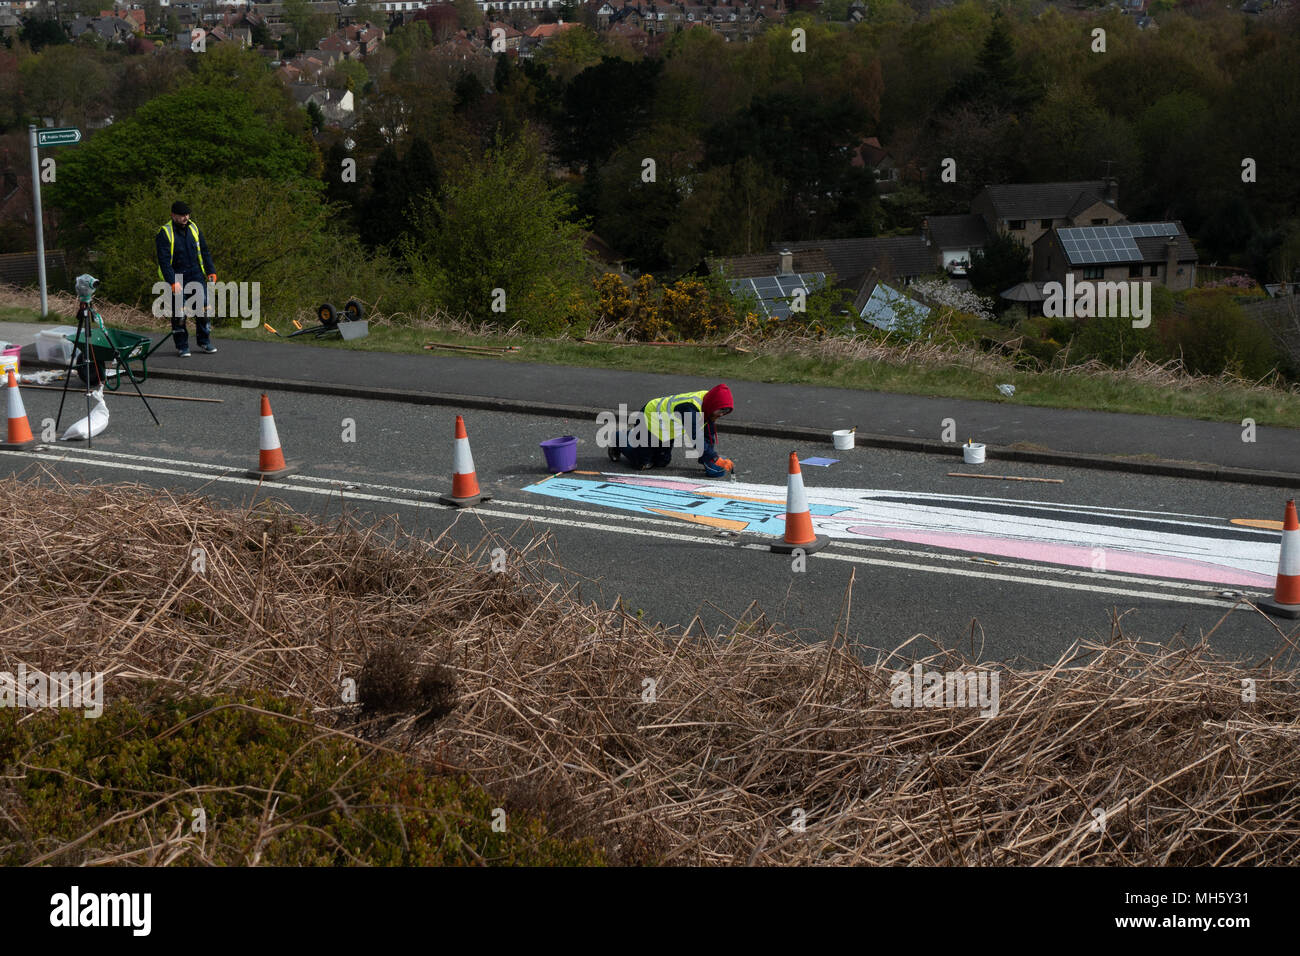 Ilkley Moor, West Yorkshire, Royaume-Uni. 30 avril 2018. Artistes, passer des heures sur leurs genoux, peindre le Tour de Yorkshire's premier sommet terminer sur la Vache et son veau road prêt pour la course de vendredi. Qu'est-ce que cela va être? Land art (anamorphique) Rebecca Cole/Alamy Live News Photo Stock